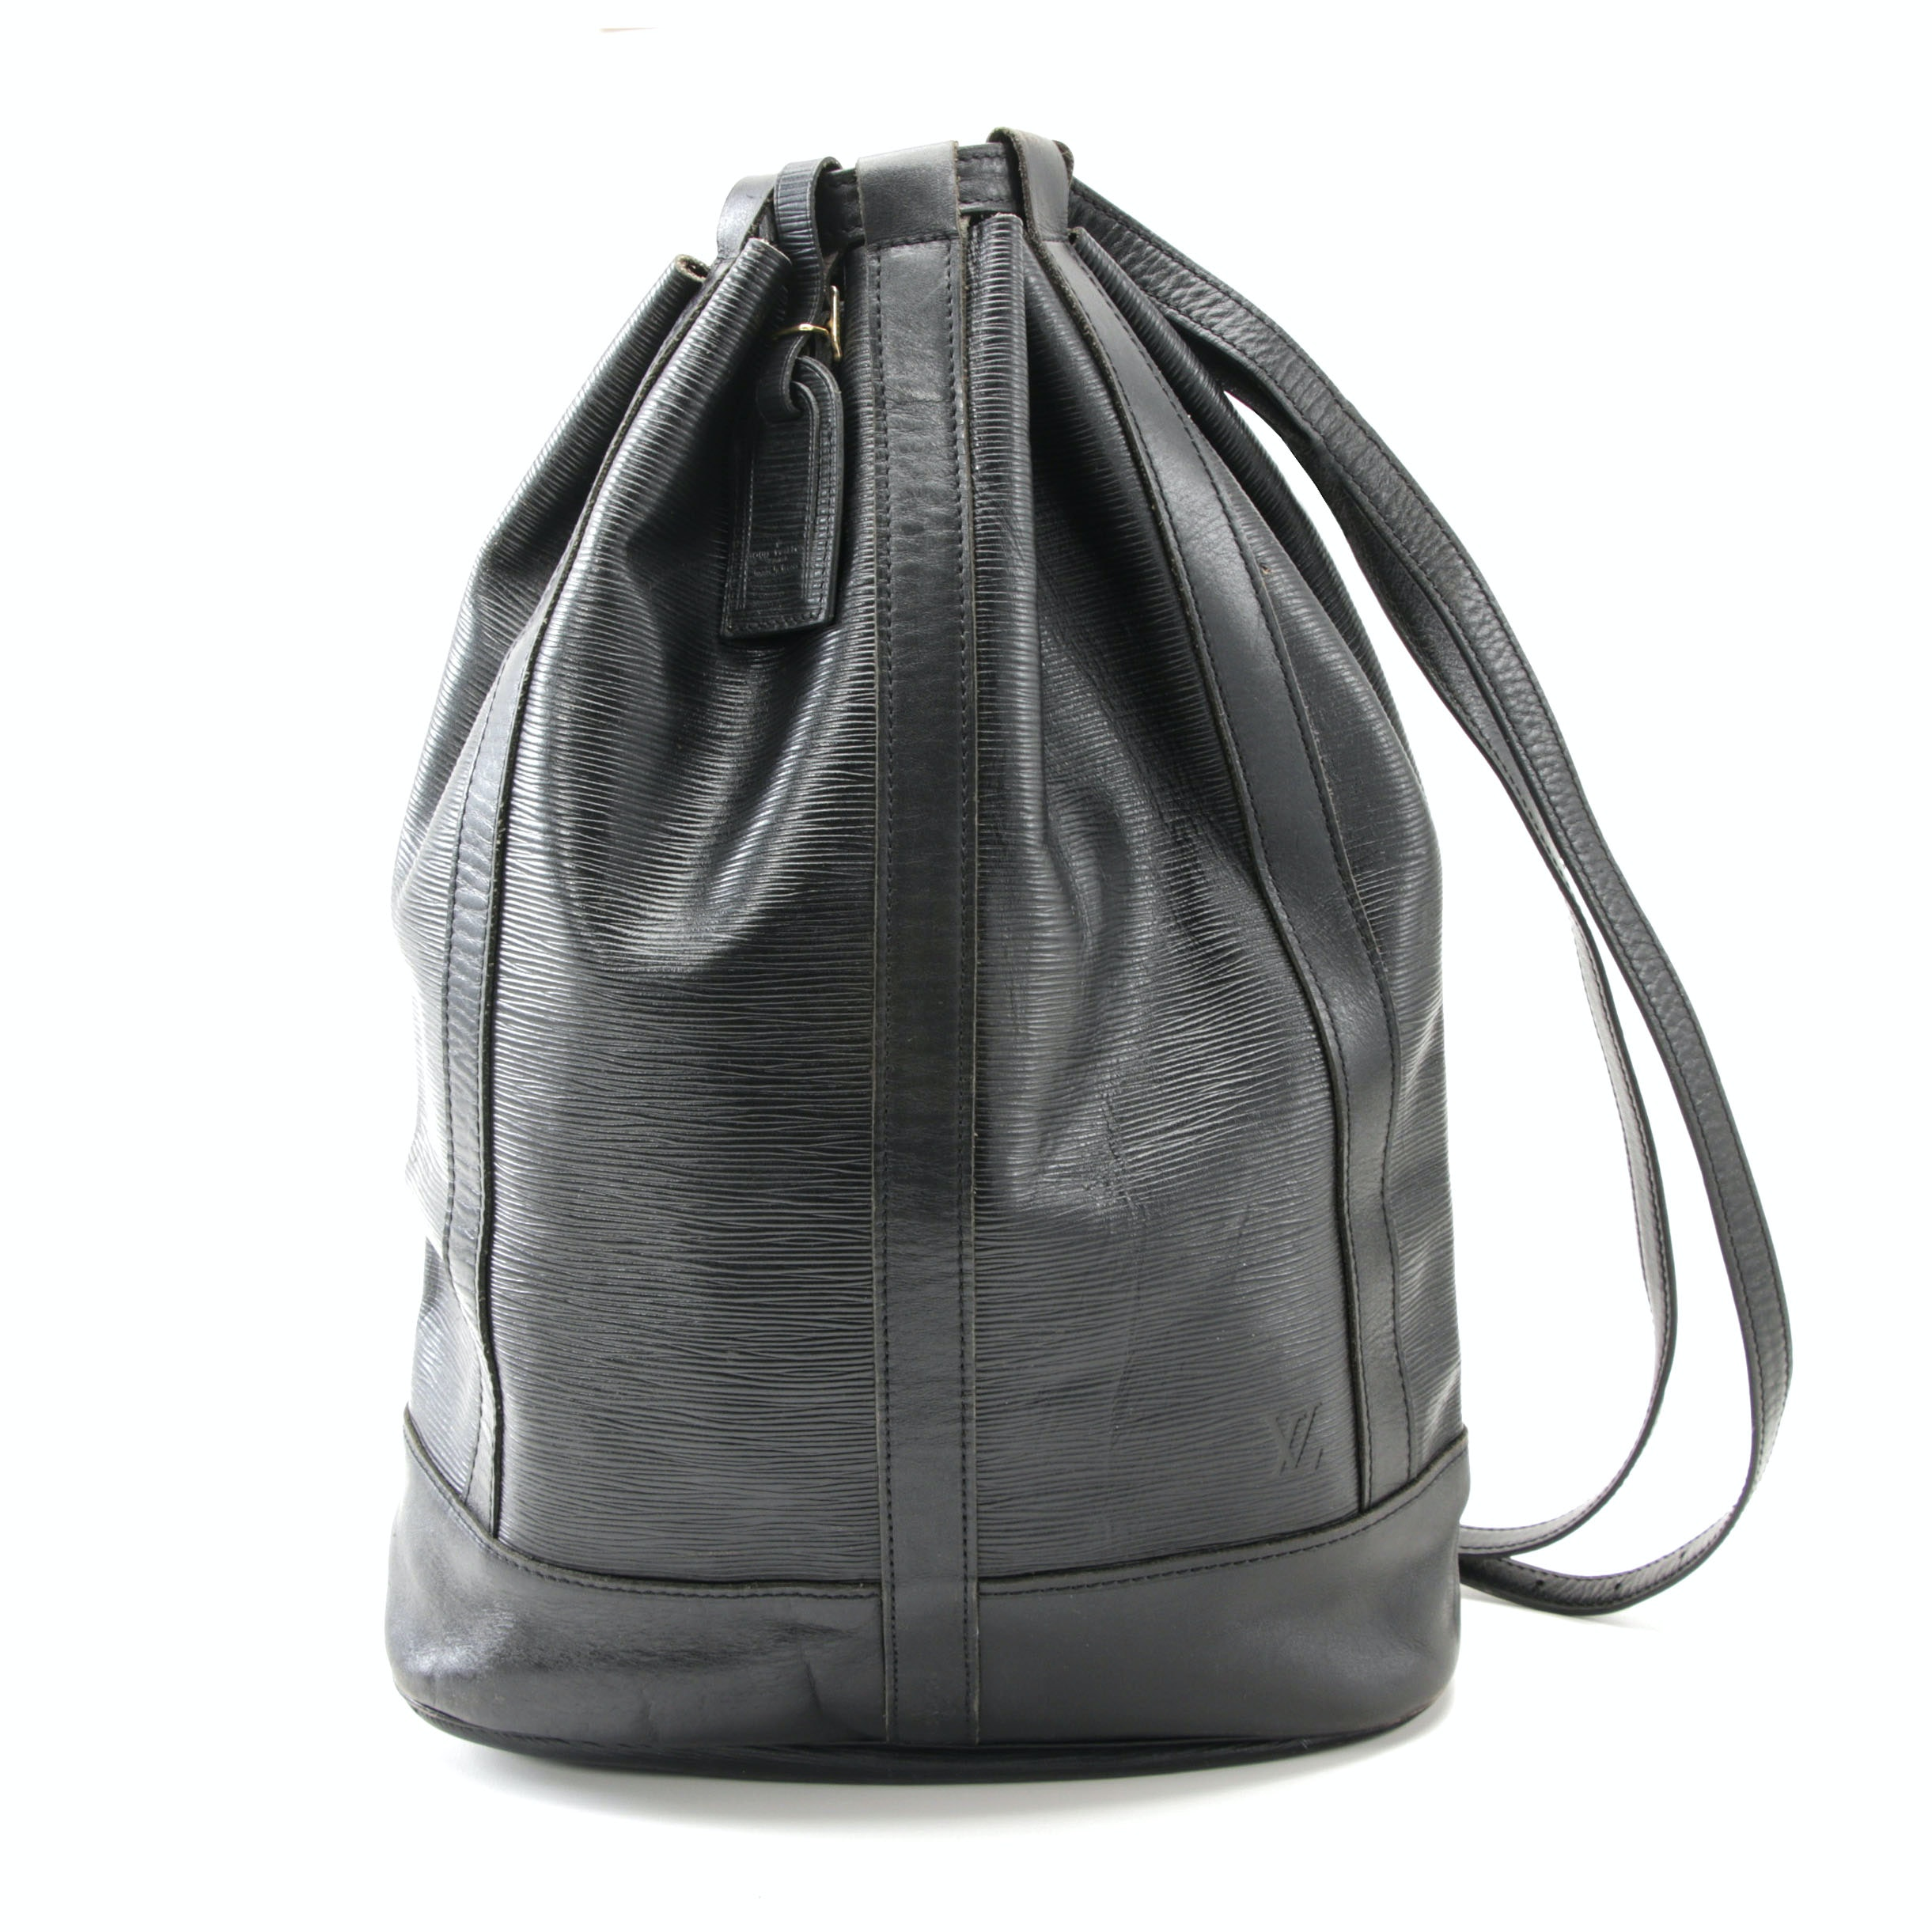 Louis Vuitton Paris Black Epi Leather Randonnee Backpack Bag, 1986